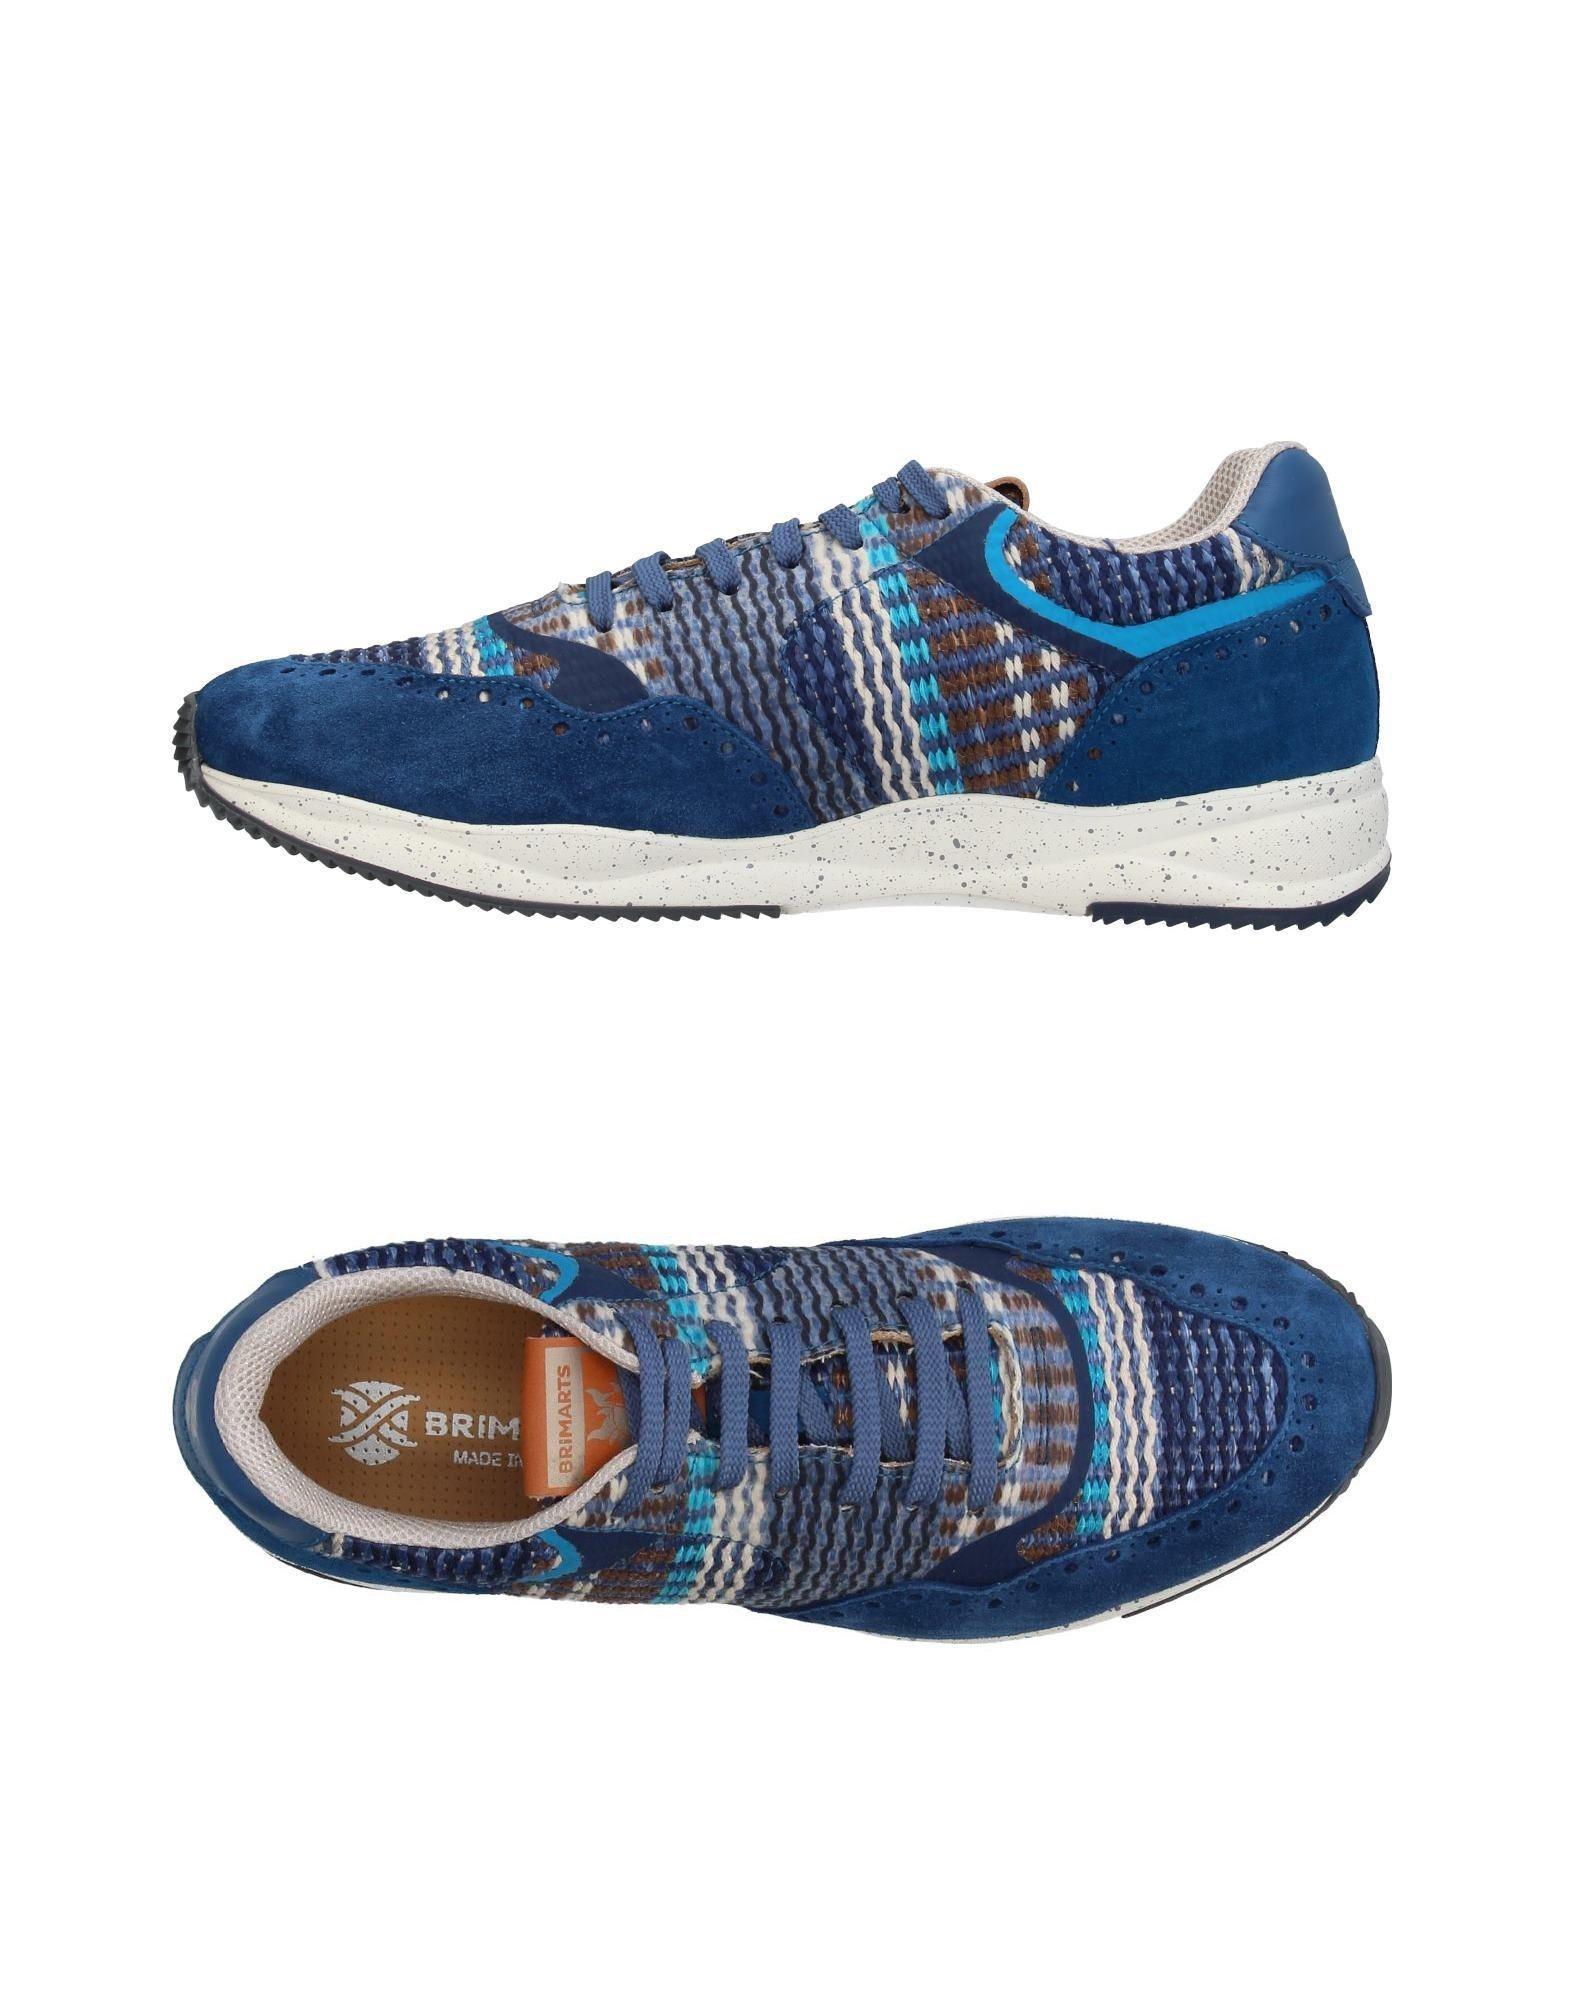 FOOTWEAR - Low-tops & sneakers on YOOX.COM Brimarts slKeBa